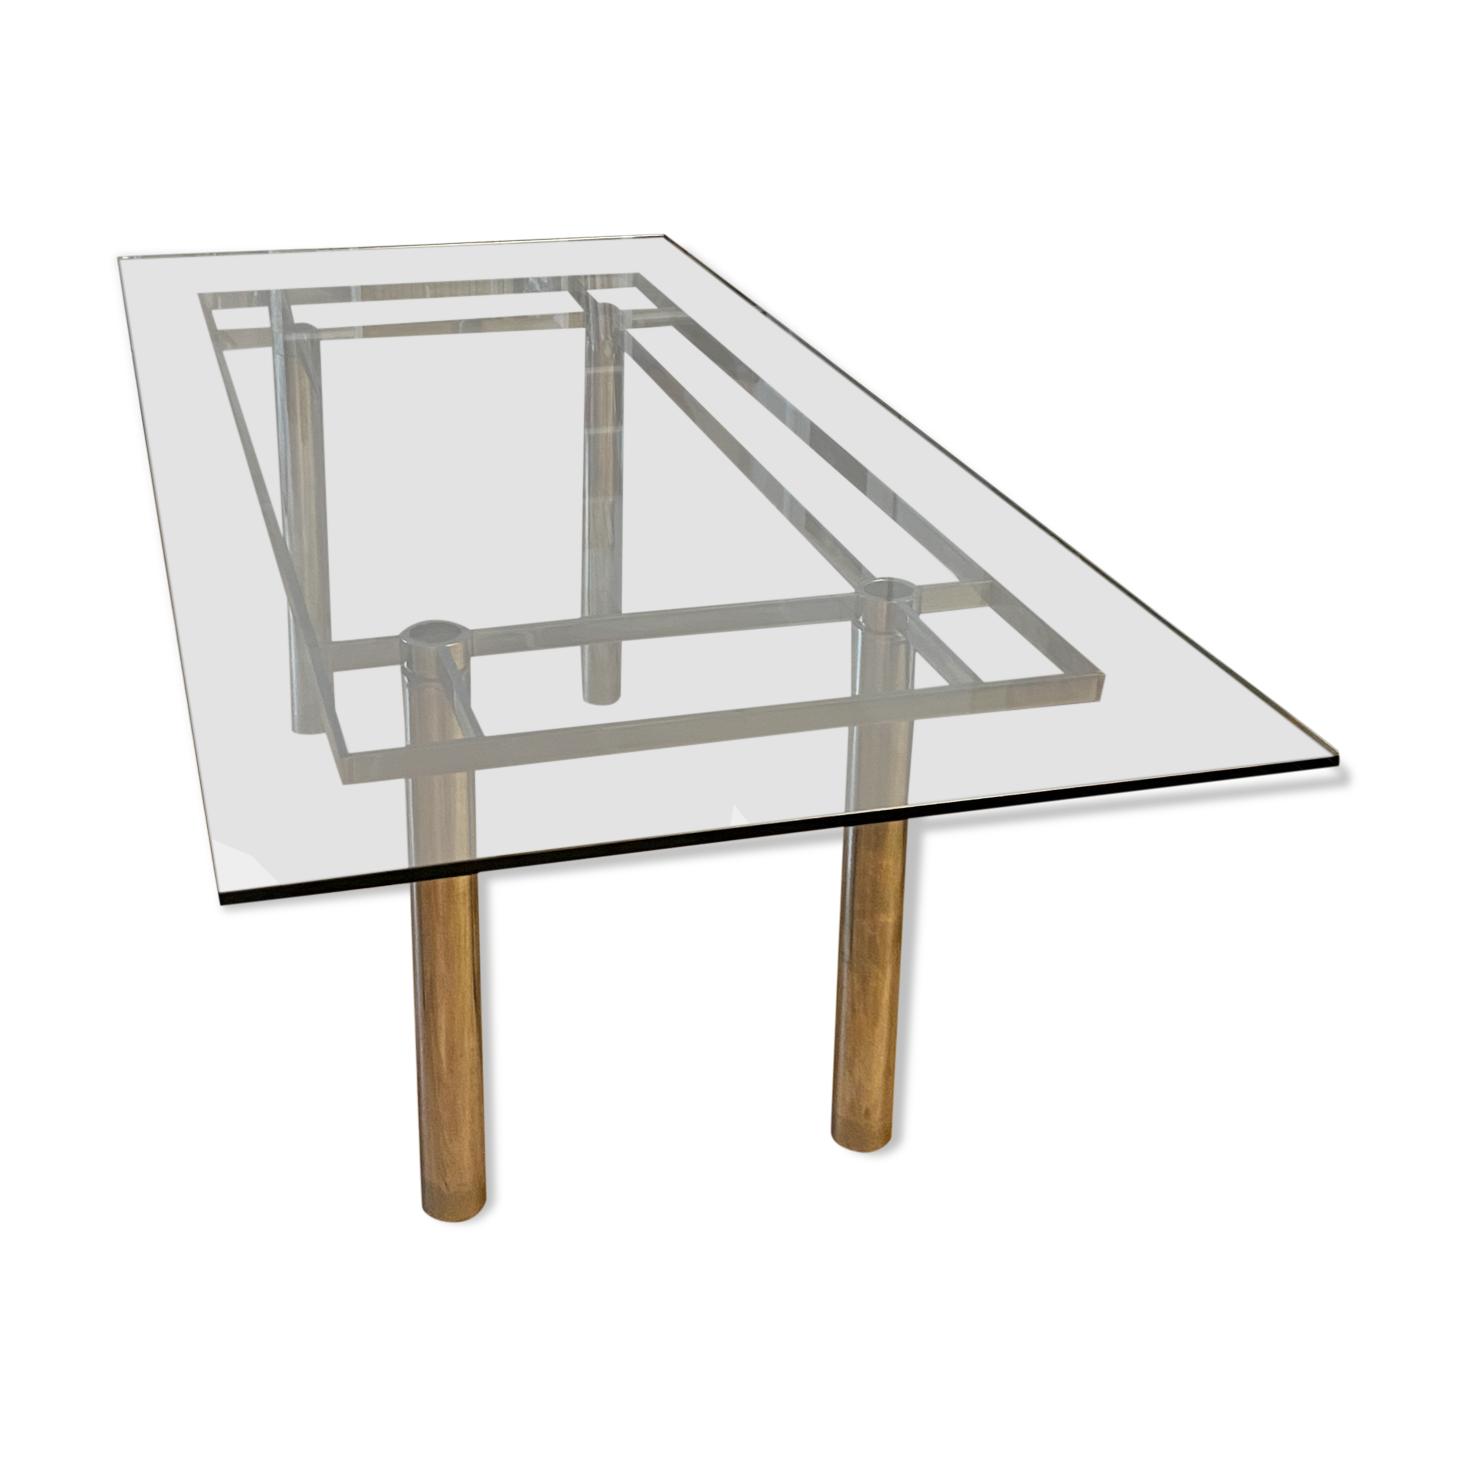 Table à repas rectangulaire ''andré'' par Tobia Scarpa pour gavina knoll